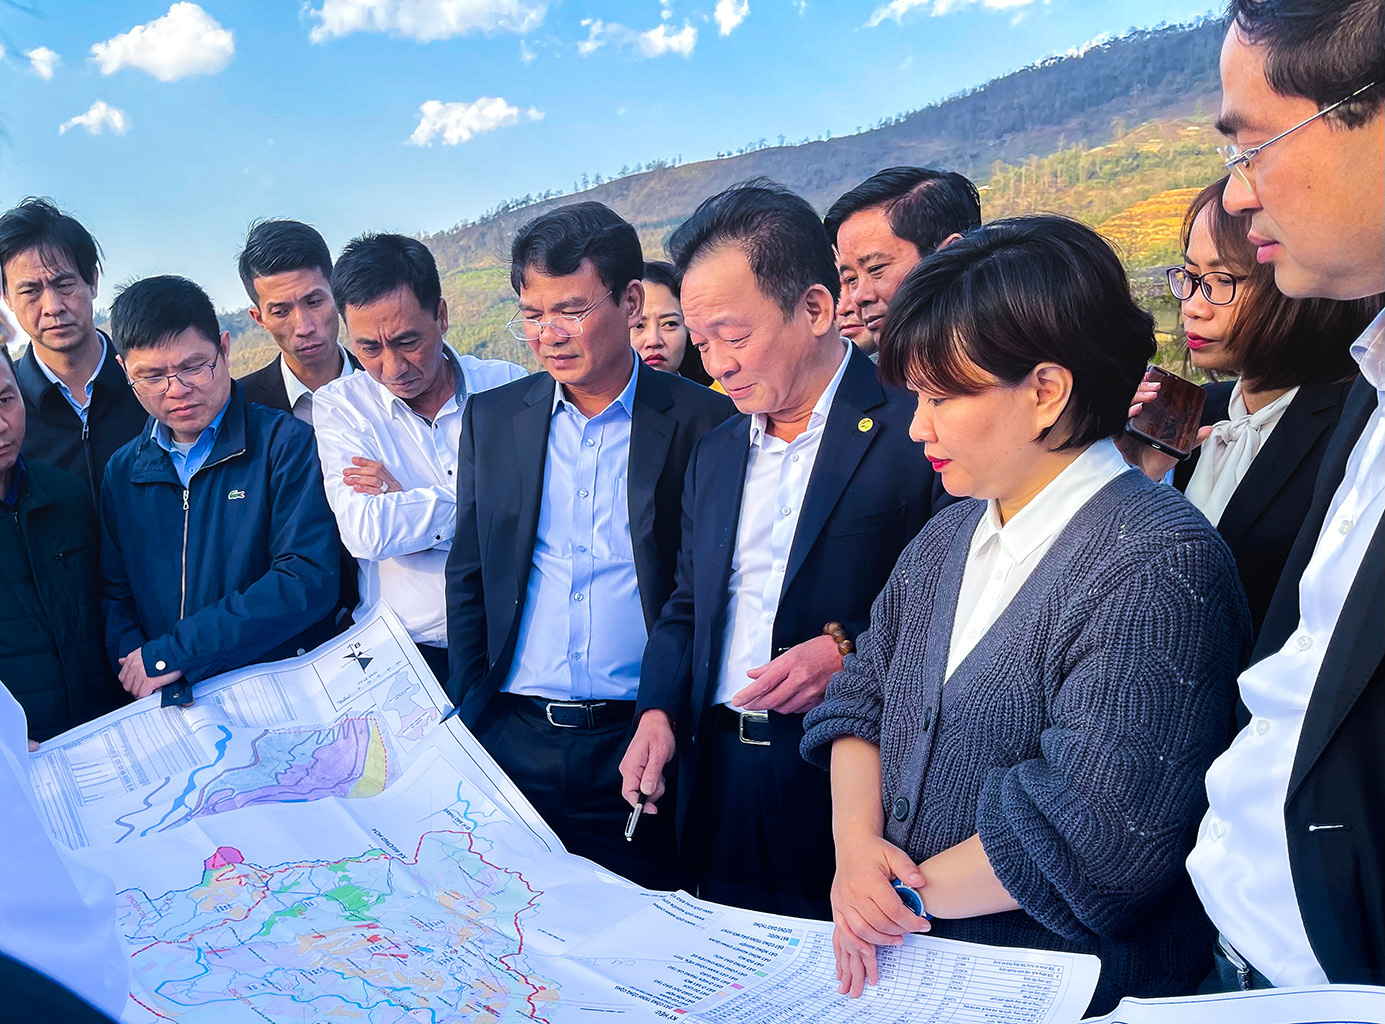 Tập đoàn T&T Group hợp tác chiến lược với 2 tỉnh Lào Cai và Cà Mau - Ảnh 3.